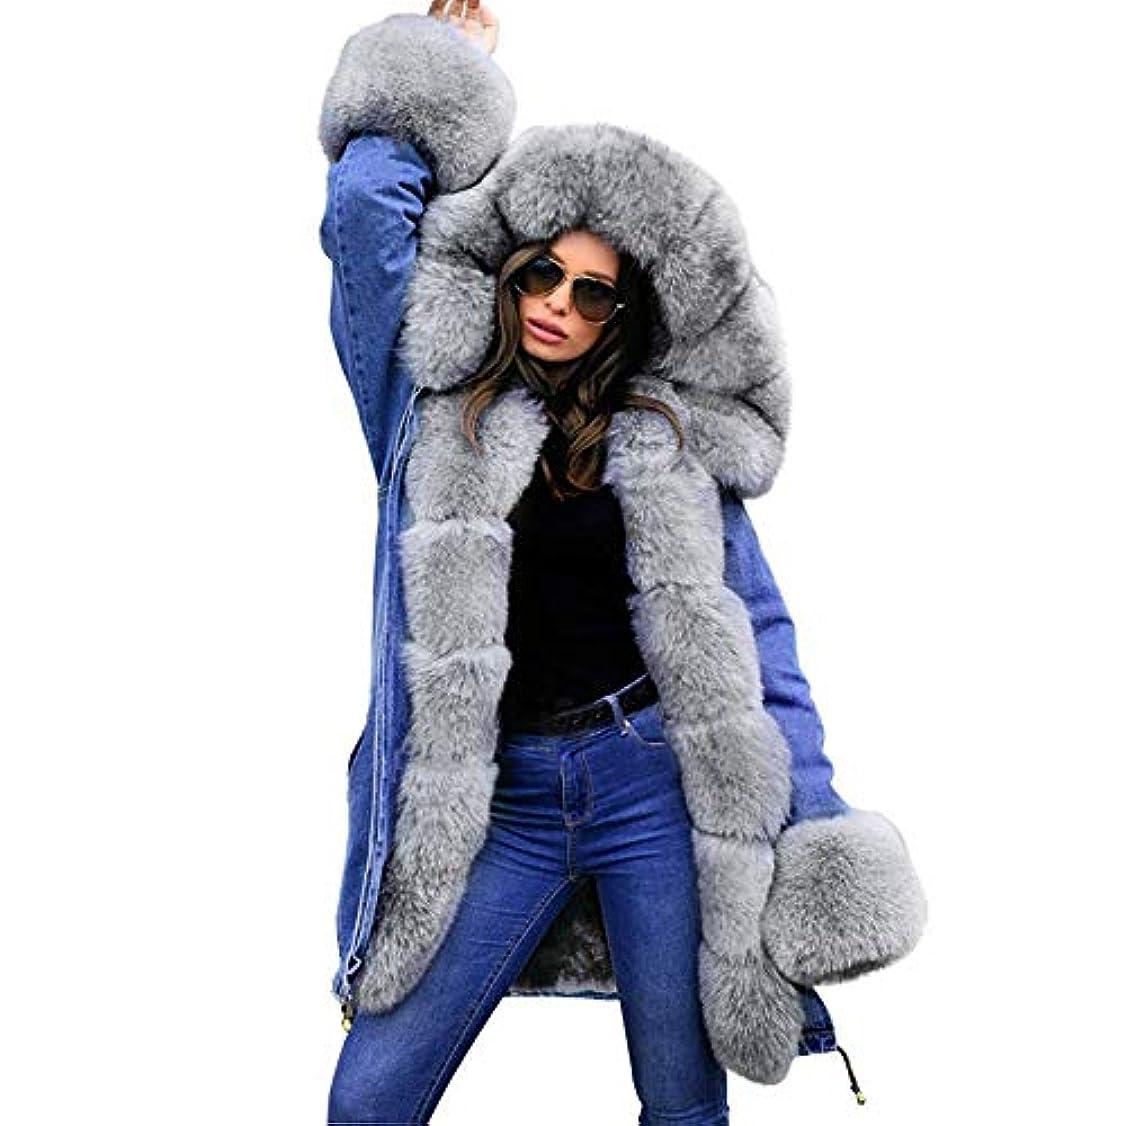 あいまい批判パントリー冬の女性のフード付きコートの毛皮の襟暖かいロングコートの女性の冬のジャケット女性のアウター,S